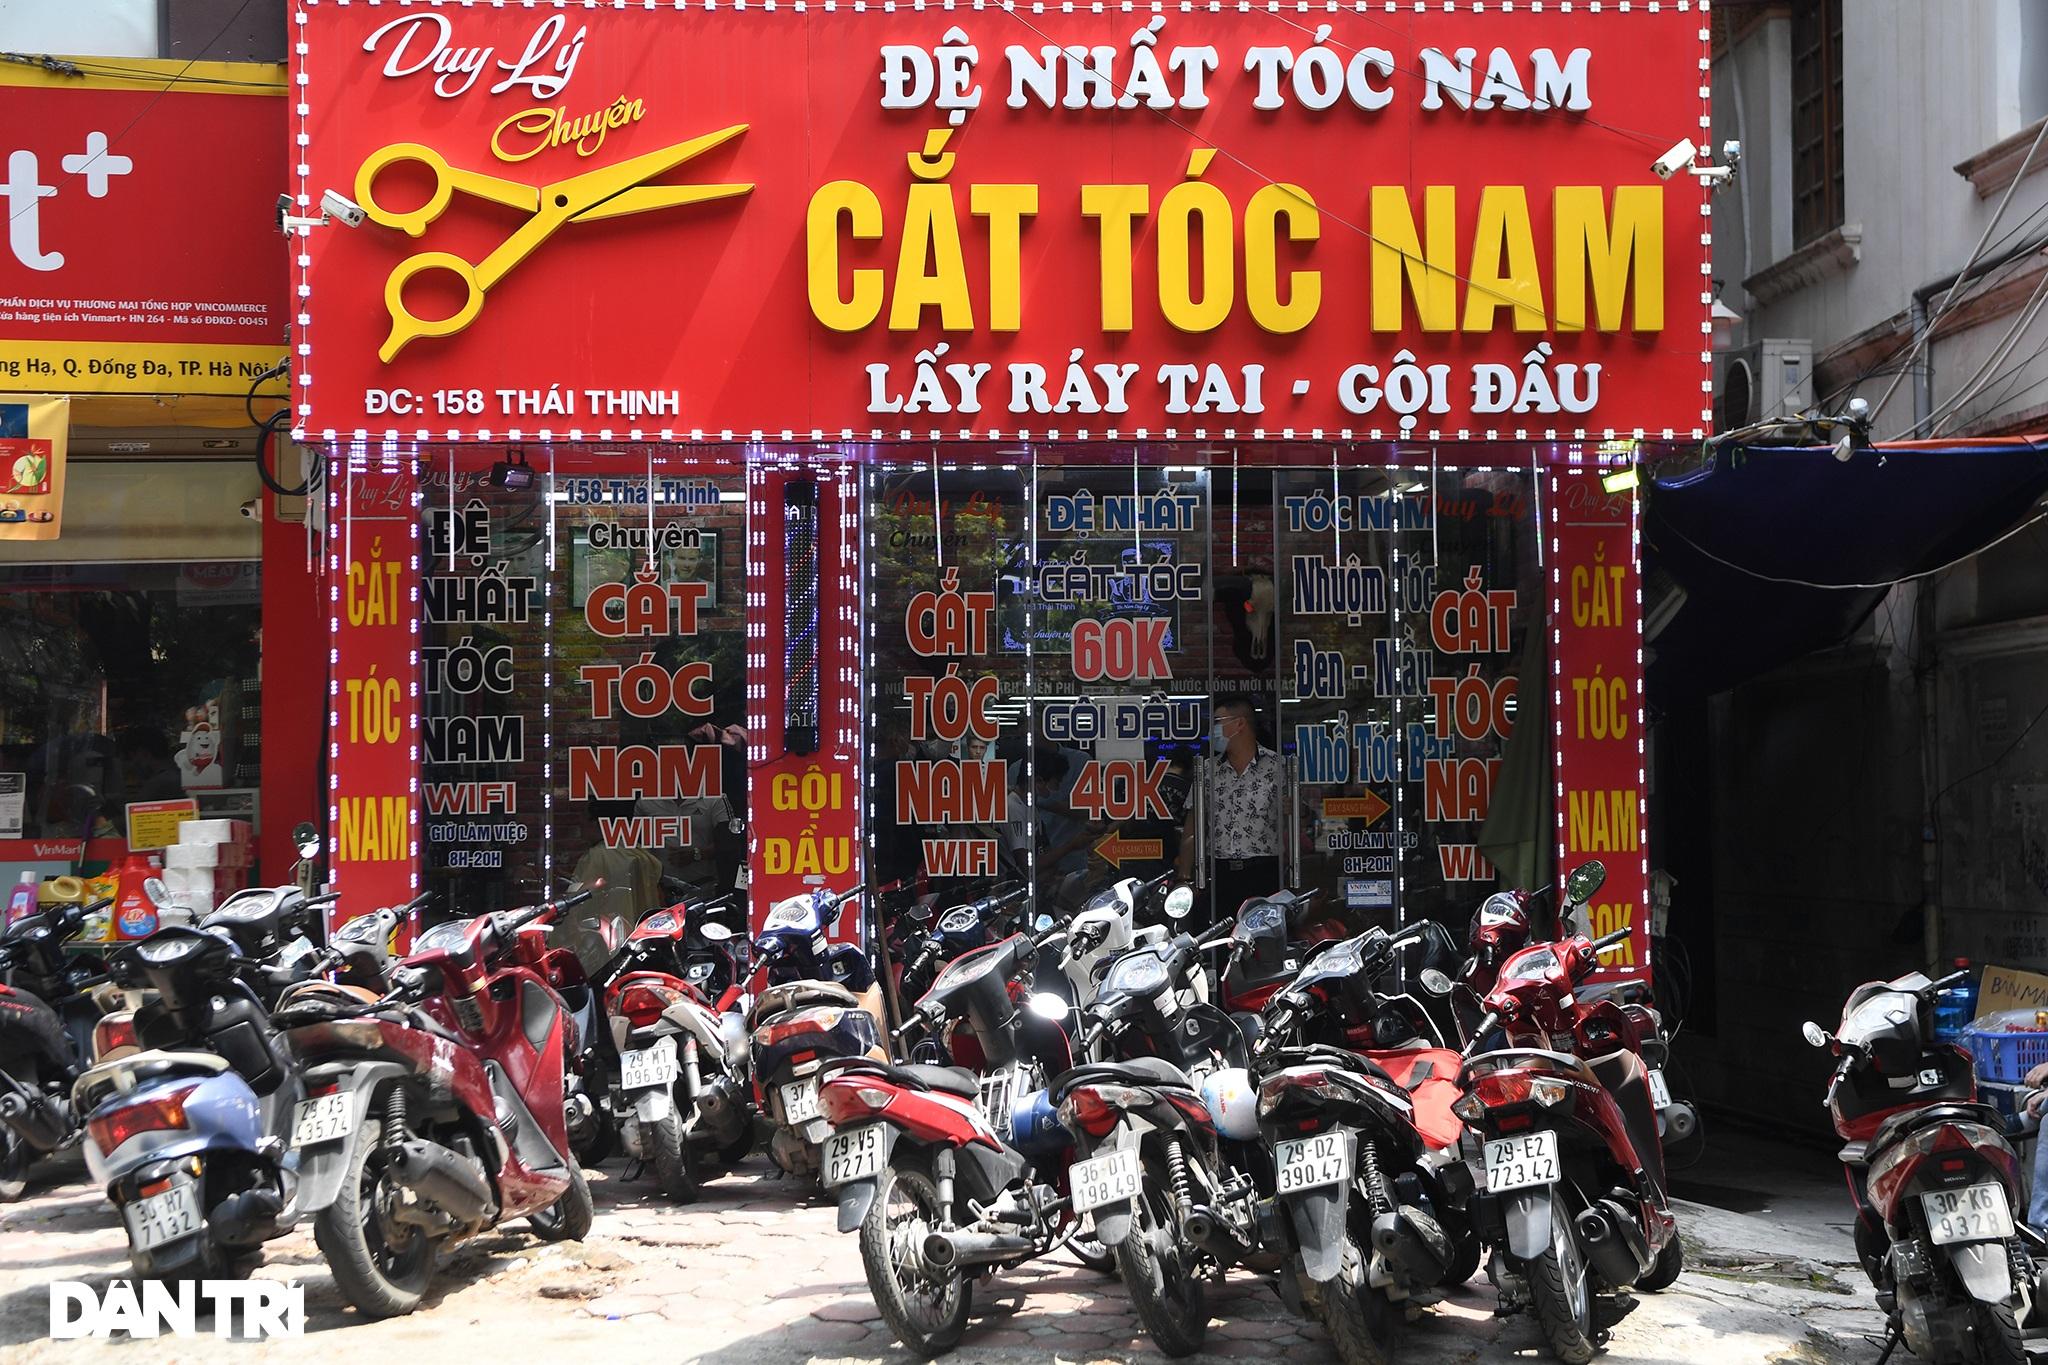 Người dân ở Hà Nội đổ xô đi cắt tóc sau 2 tháng giãn cách xã hội - 14